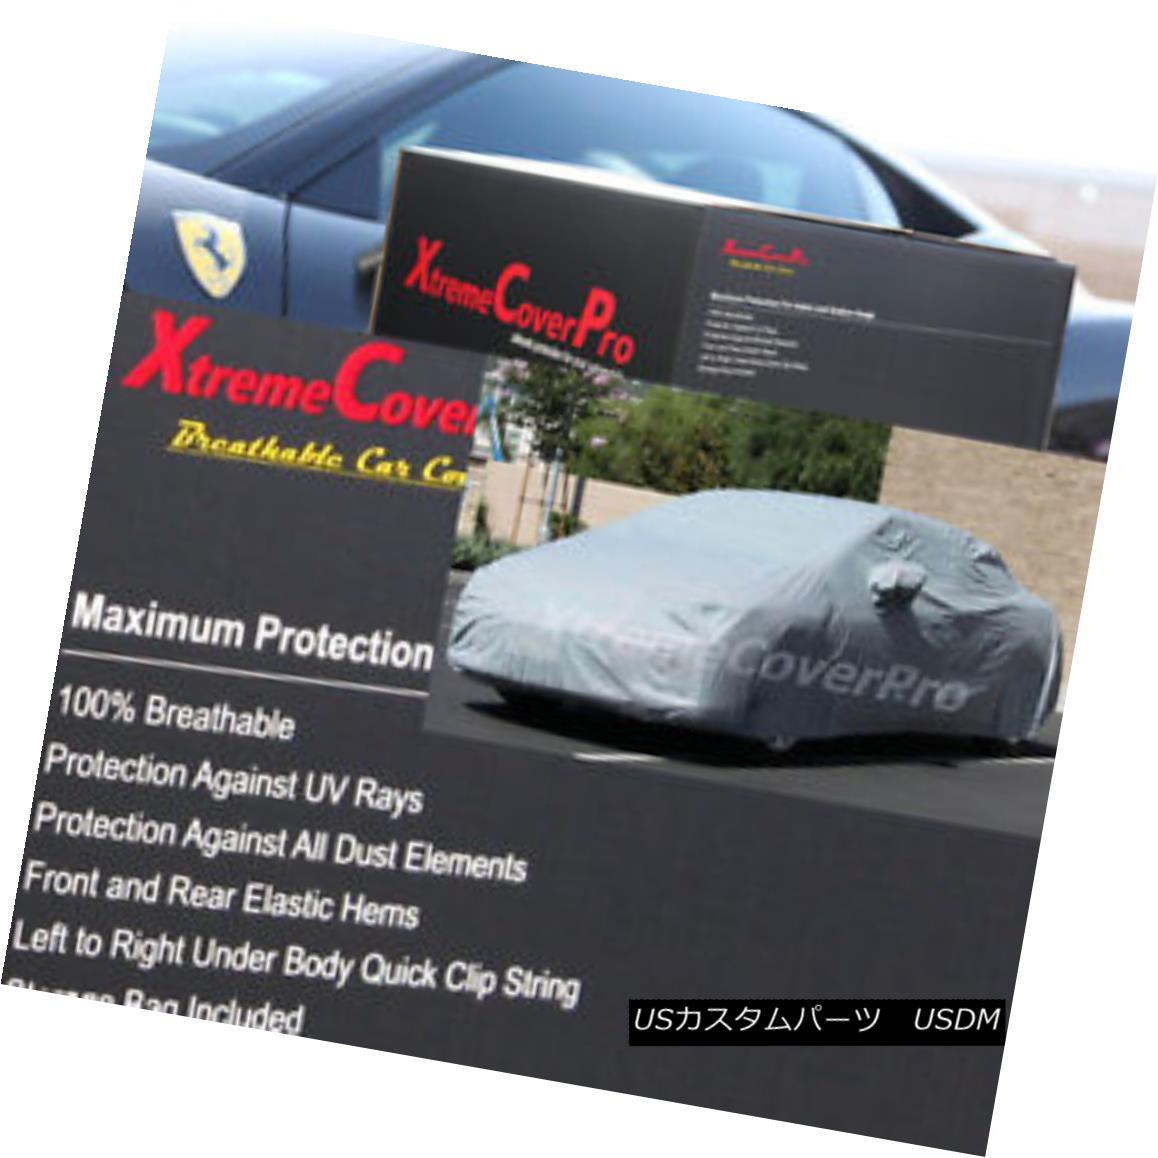 カーカバー 1991 1992 Acura Legend Breathable Car Cover w/MirrorPocket 1991年1992年Acura Legend通気性車カバー付きMirrorPocket